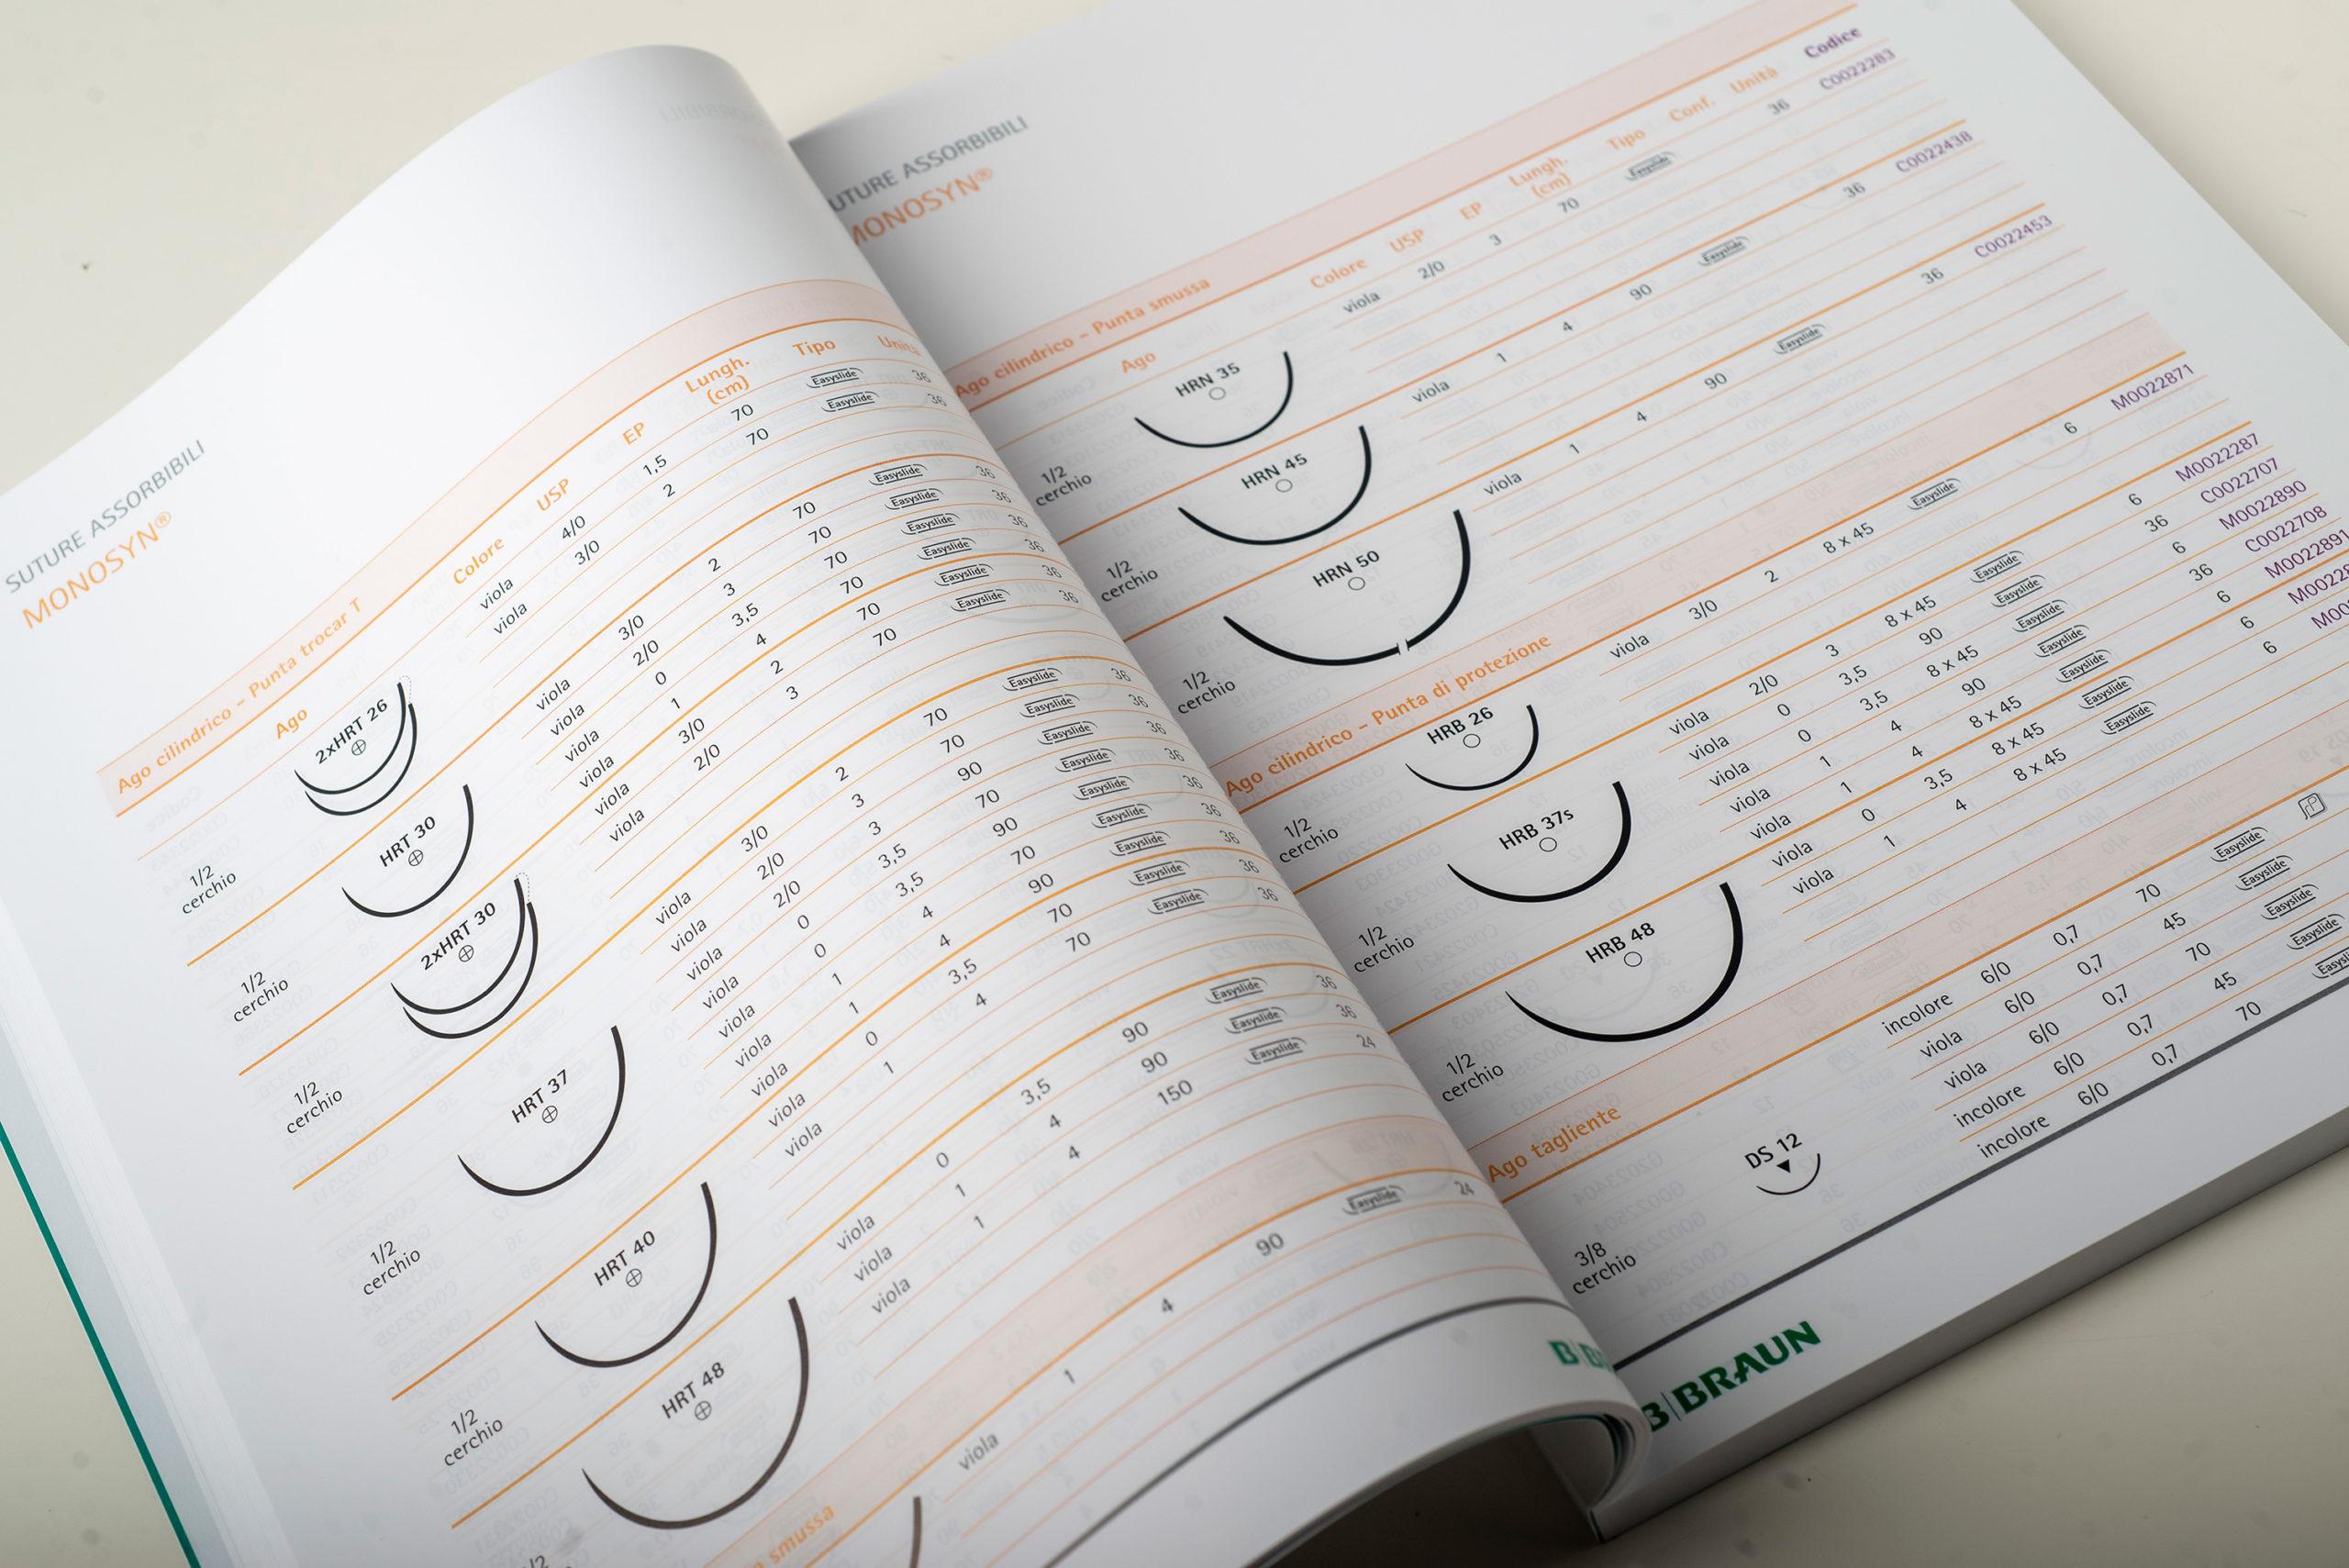 B. Braun Italia - catalogo suture, reti e specialità chirurgiche